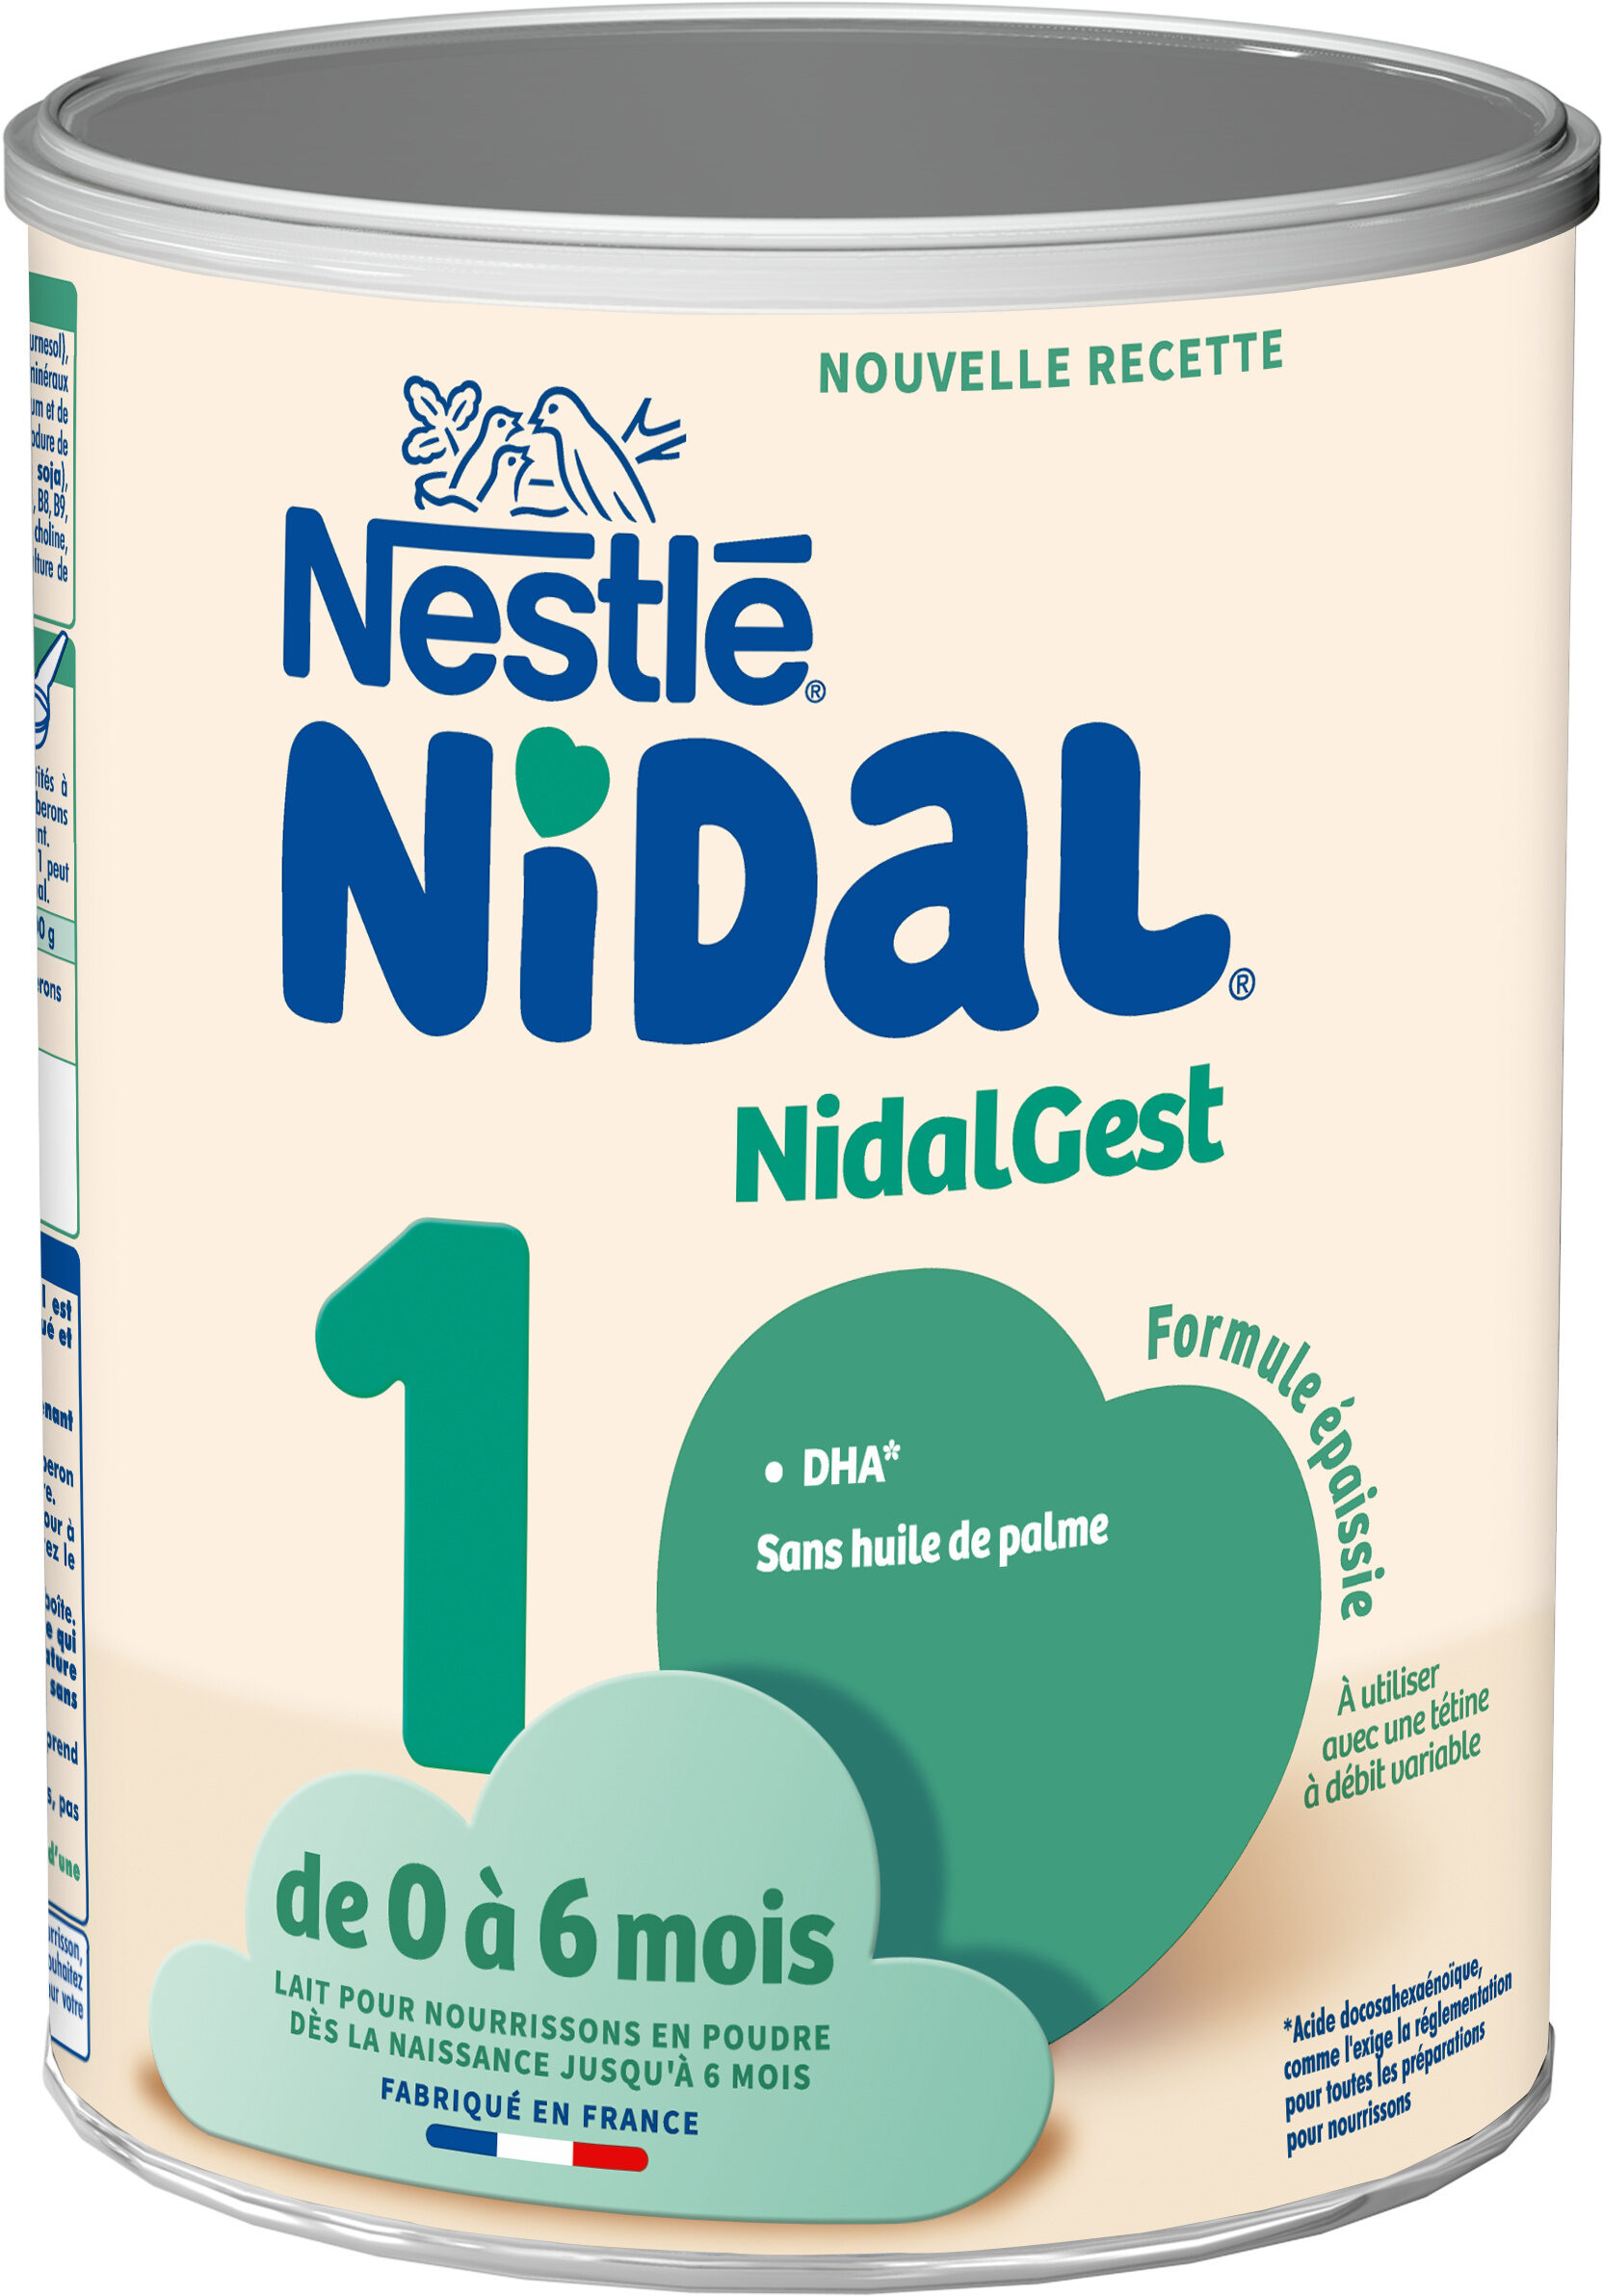 NESTLE NIDAL NidalGest 1 Lait pour nourrissons 1er âge 800g dès la Naissance - Product - fr